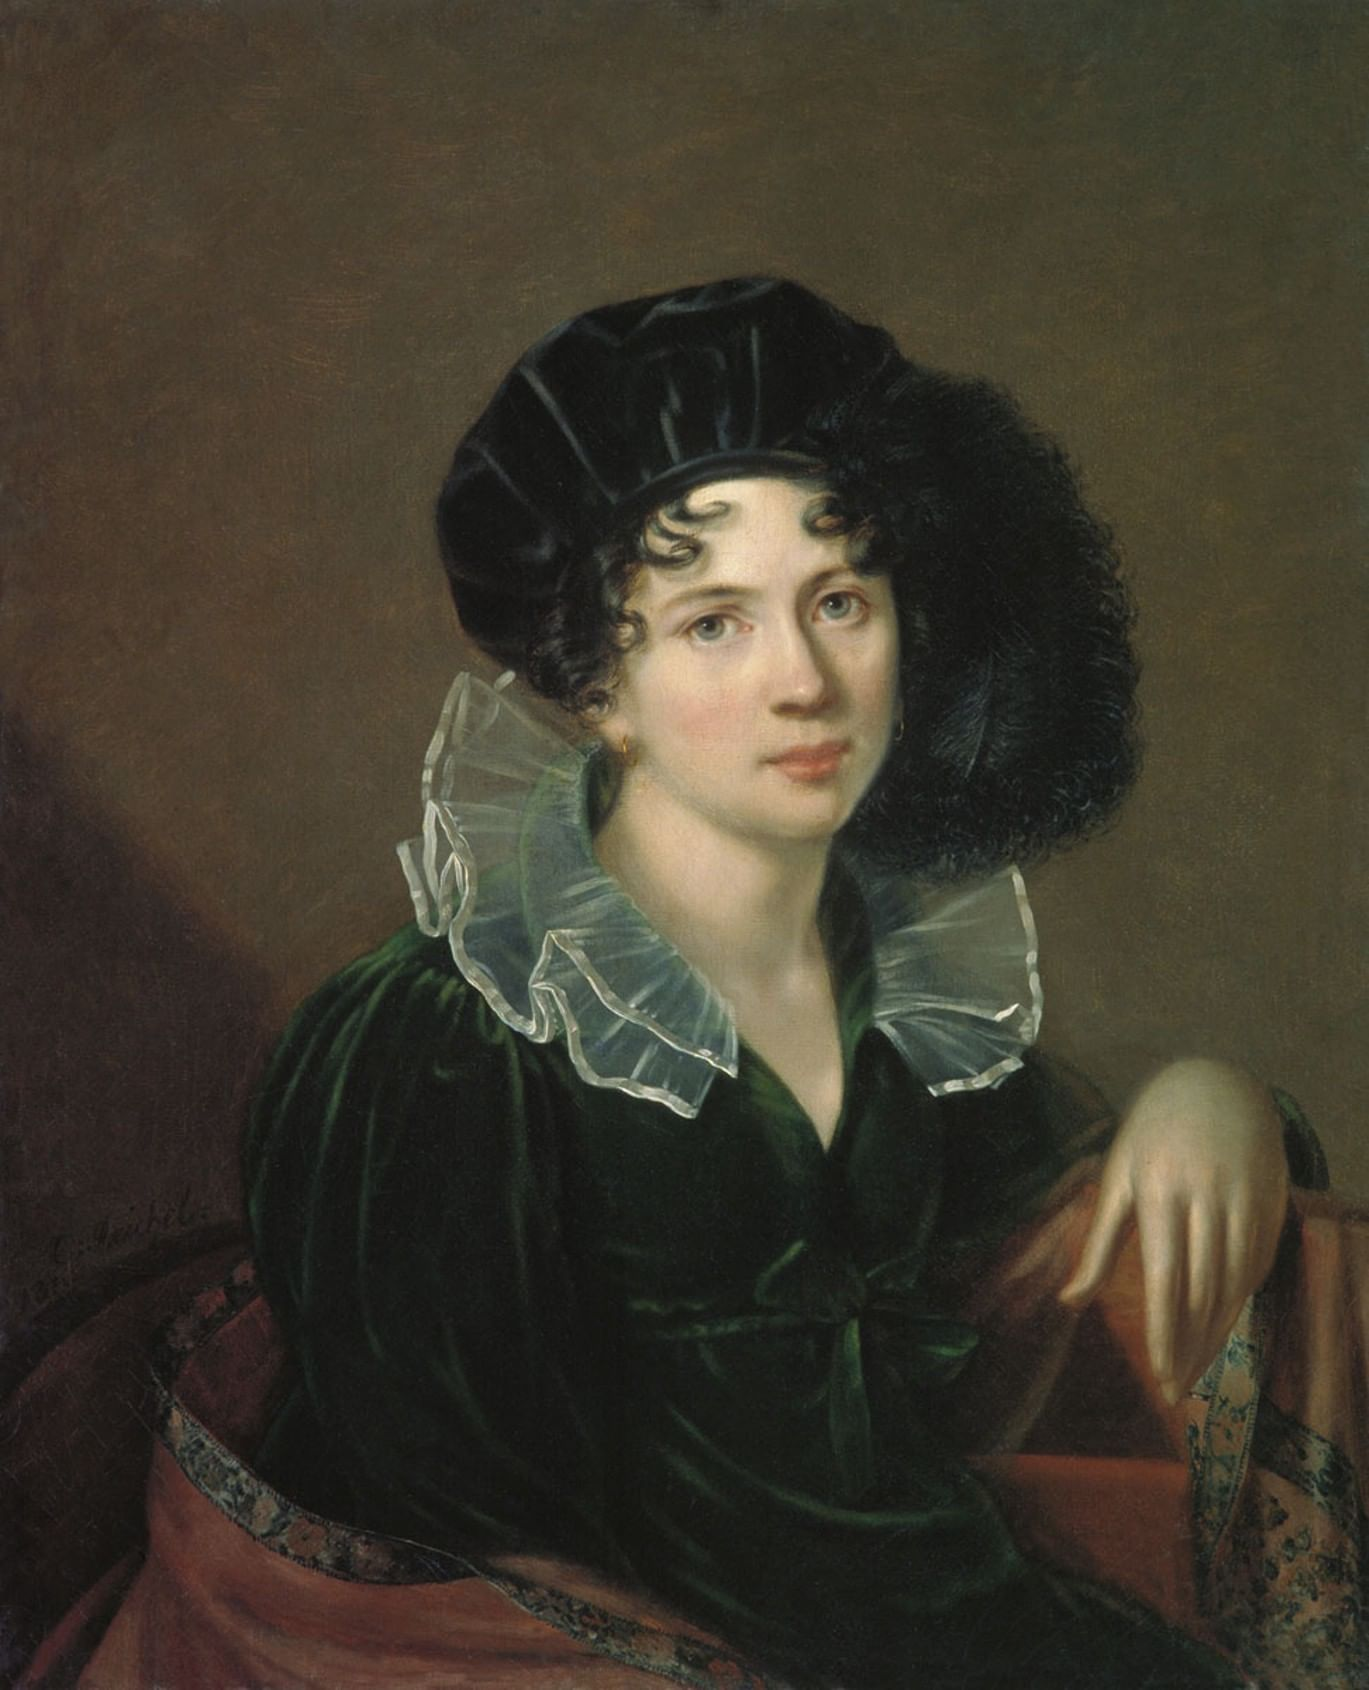 Татьяны до и после Пушкина: портреты трех веков 3